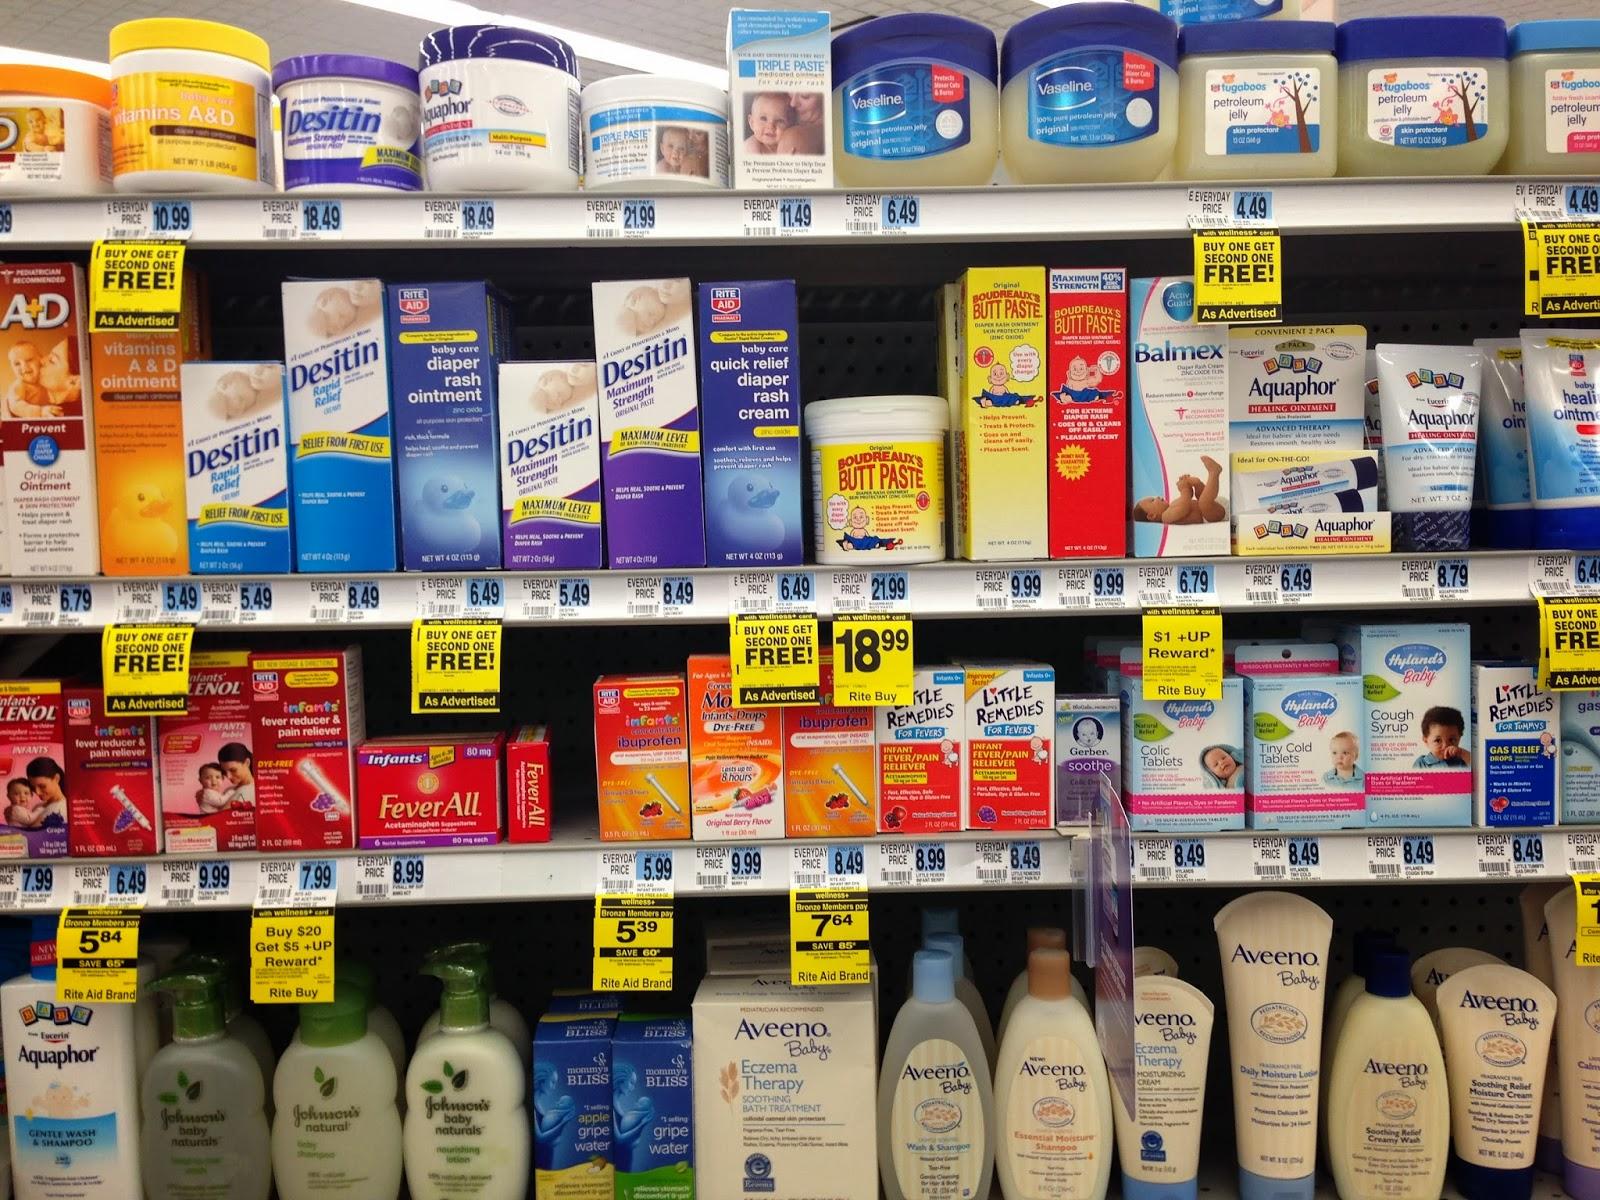 medikamente usa kaufen